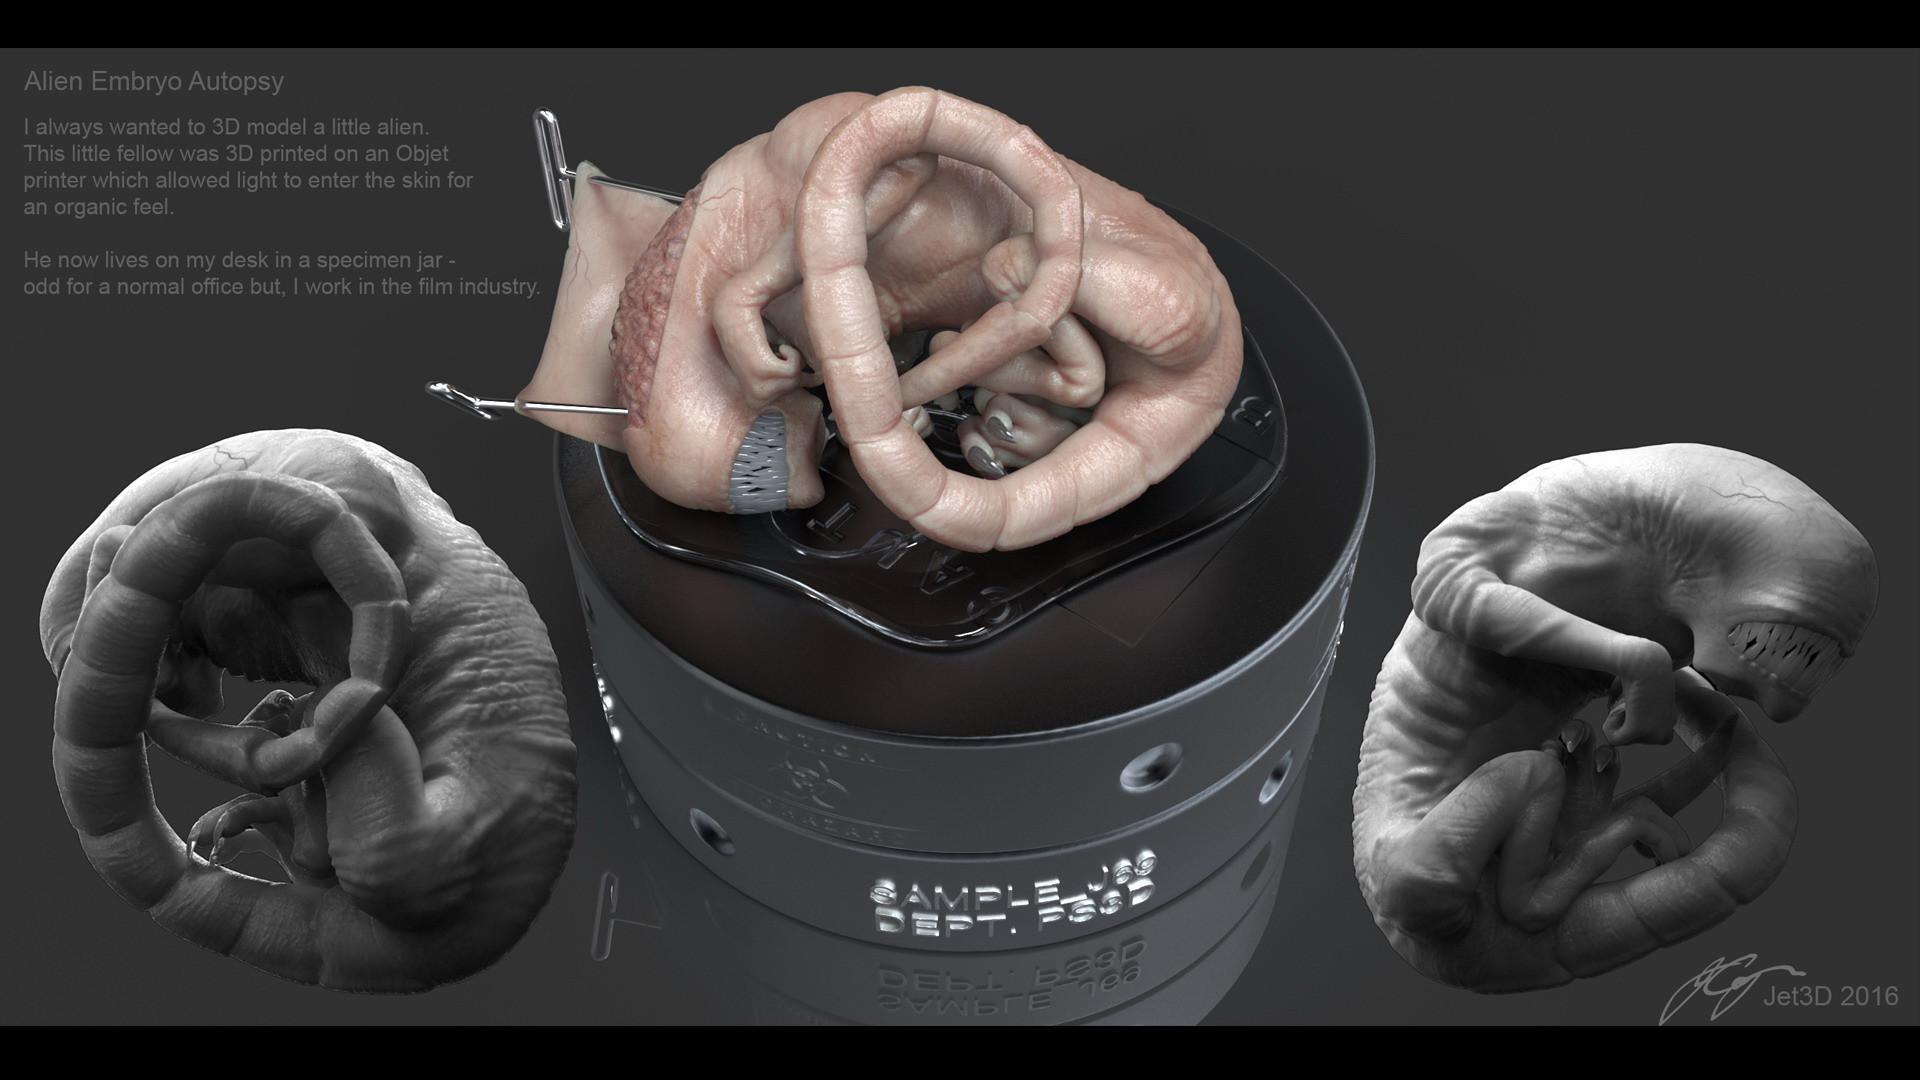 Alien Embryo